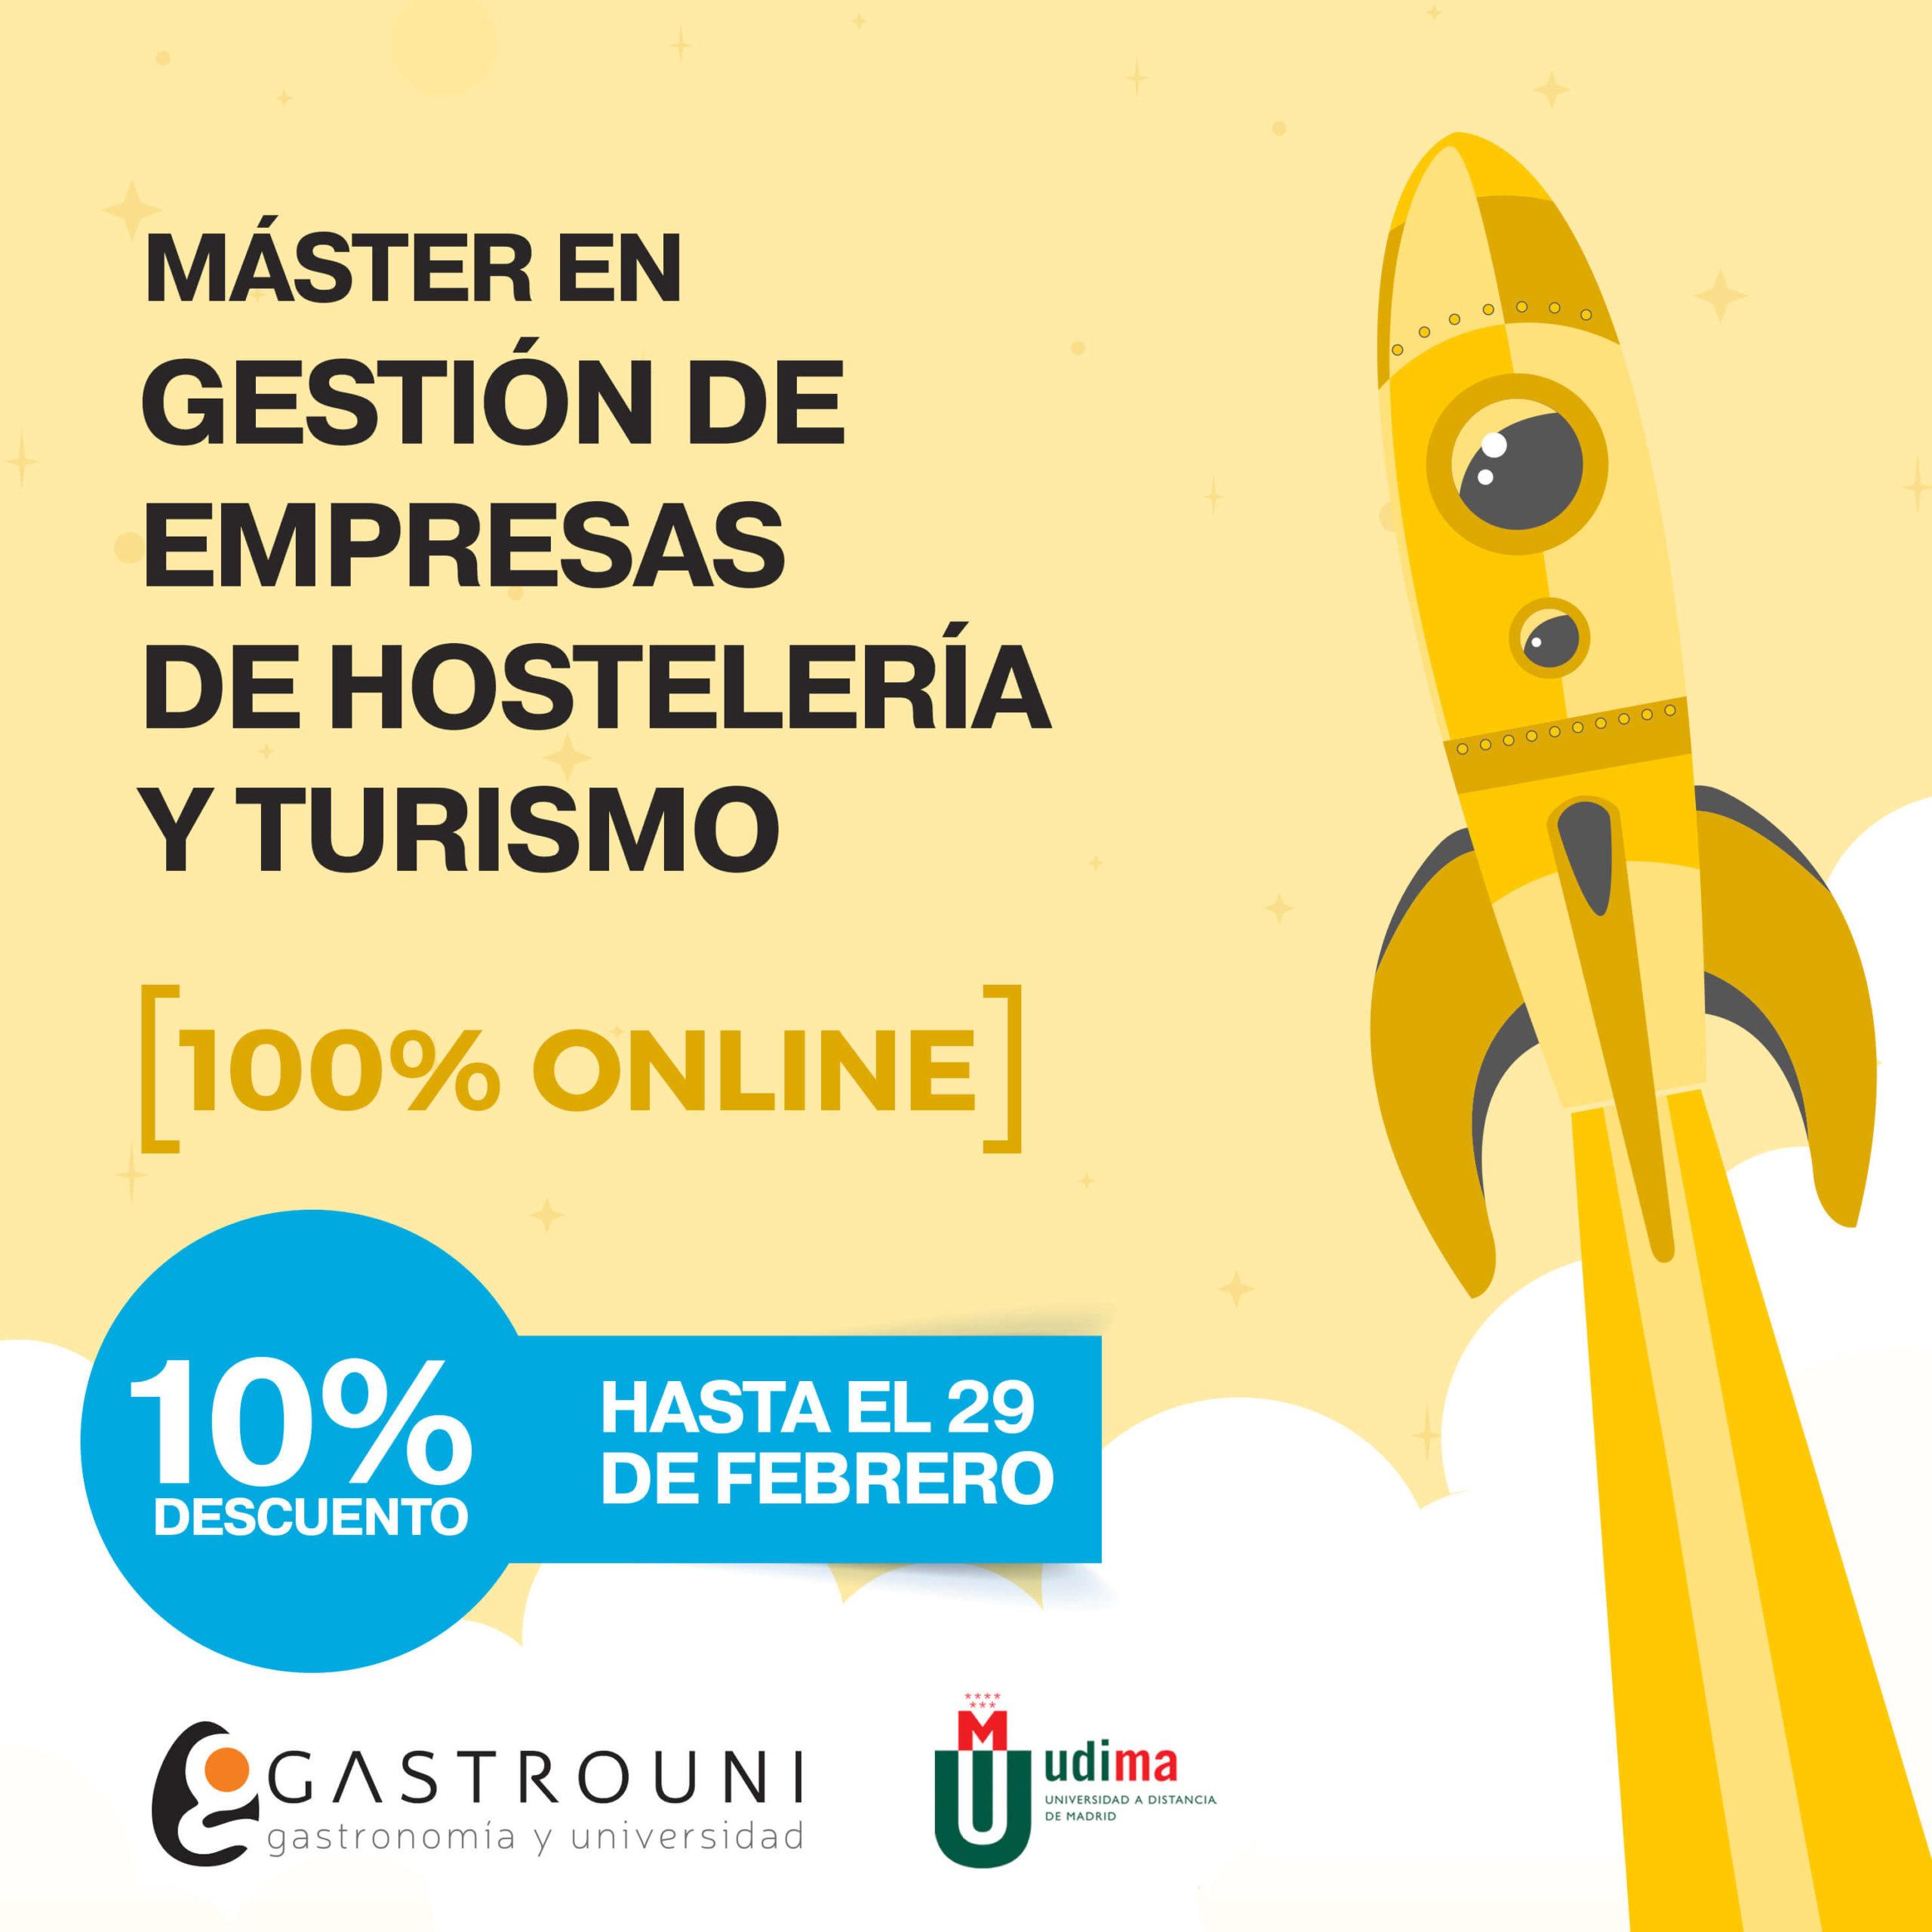 Máster en Gestión de Empresas de Hostelería y Turismo